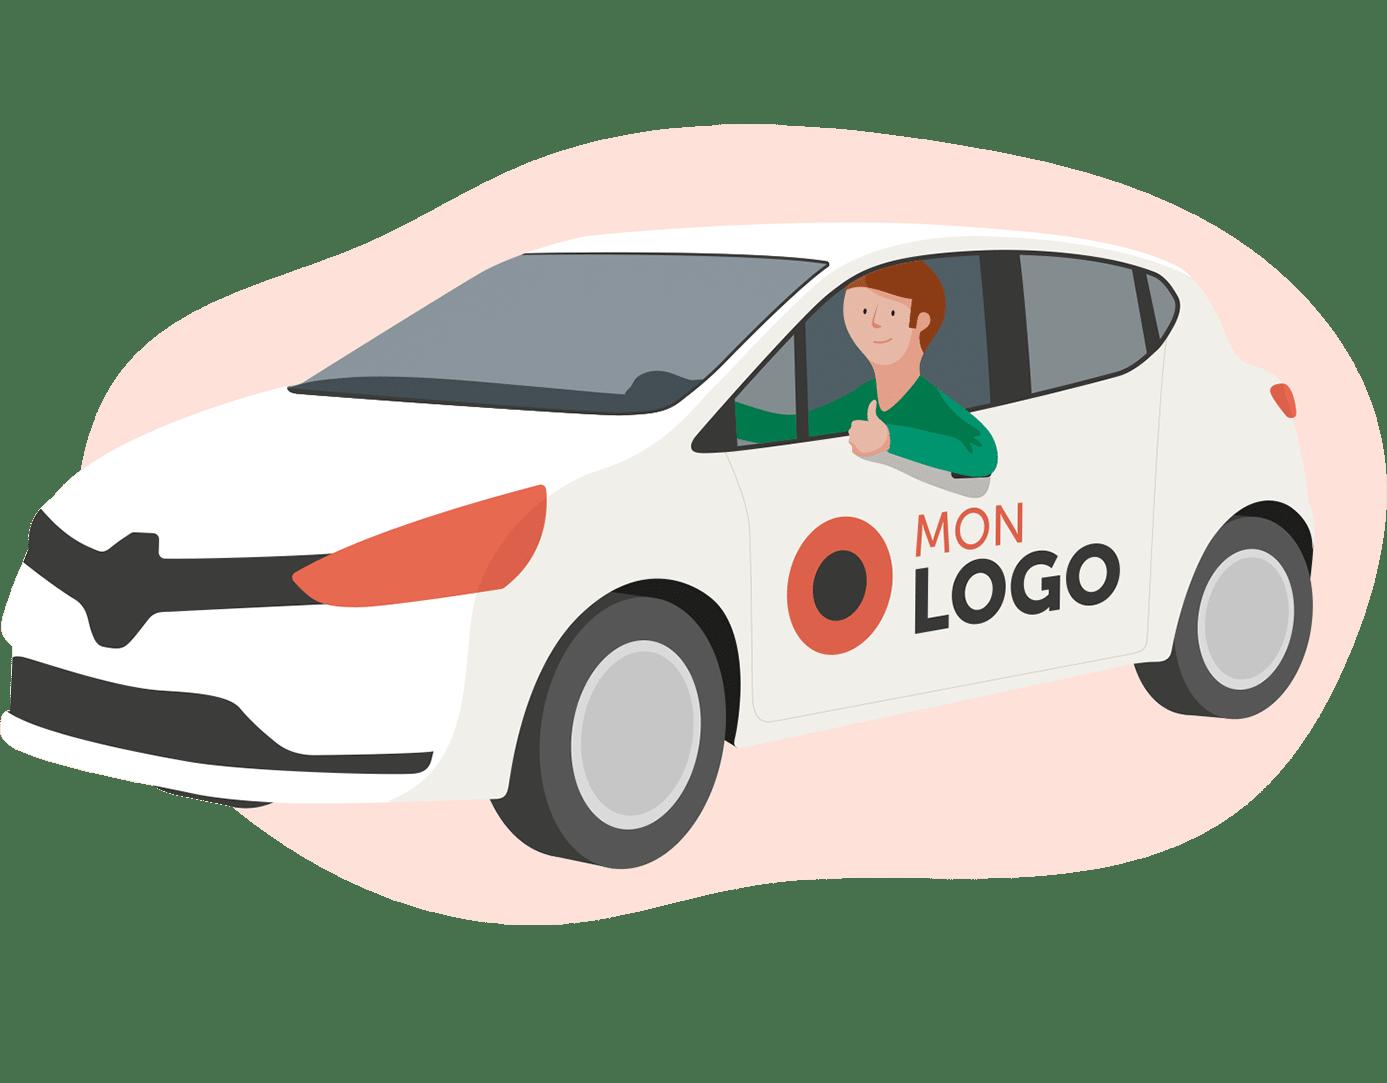 stickers voiture personnalisés rentabilité